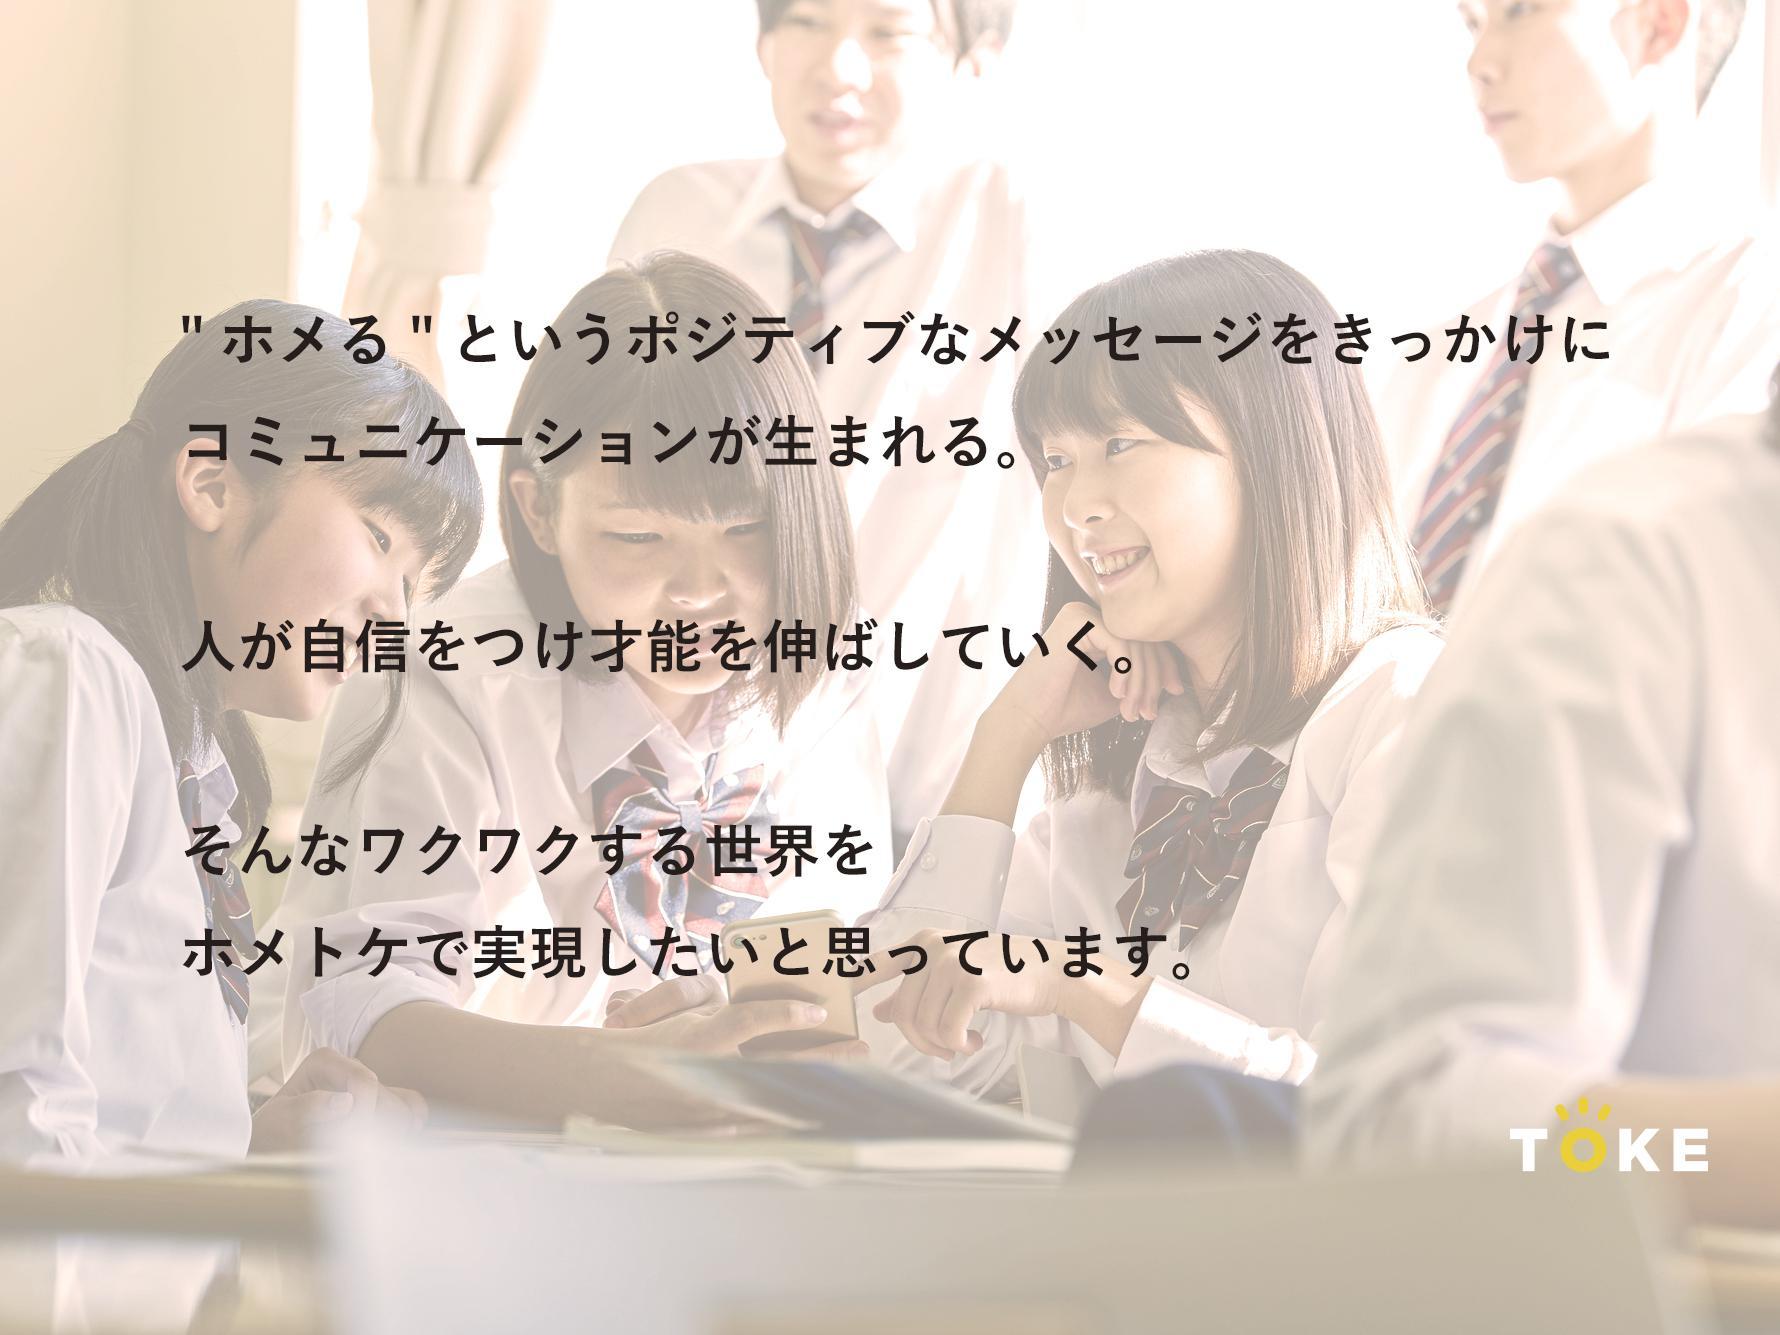 ホメトケ画像_2_V2.jpg